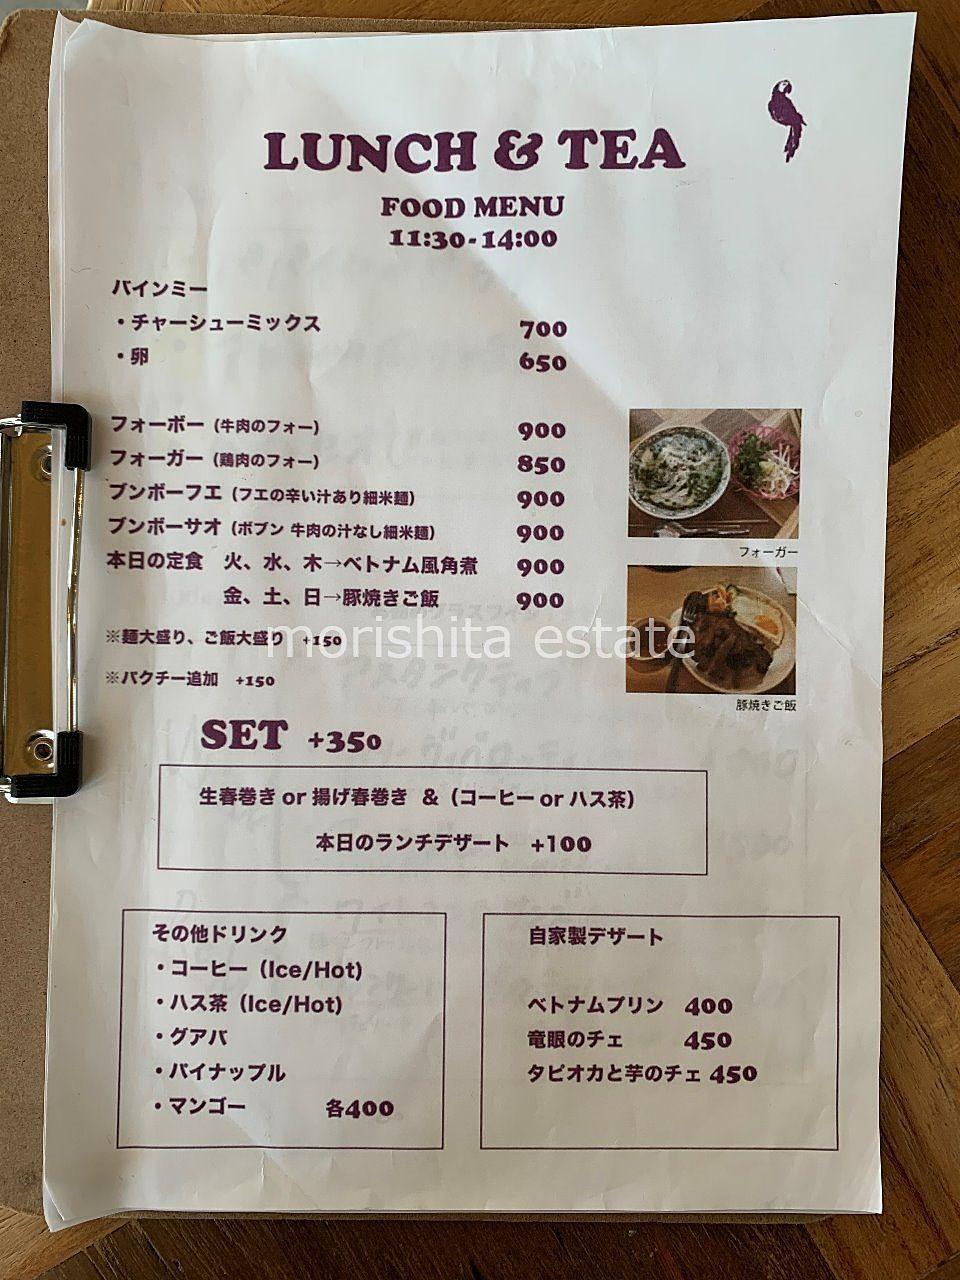 ベトナム料理 フォー バインミー ランチ メニュー 写真